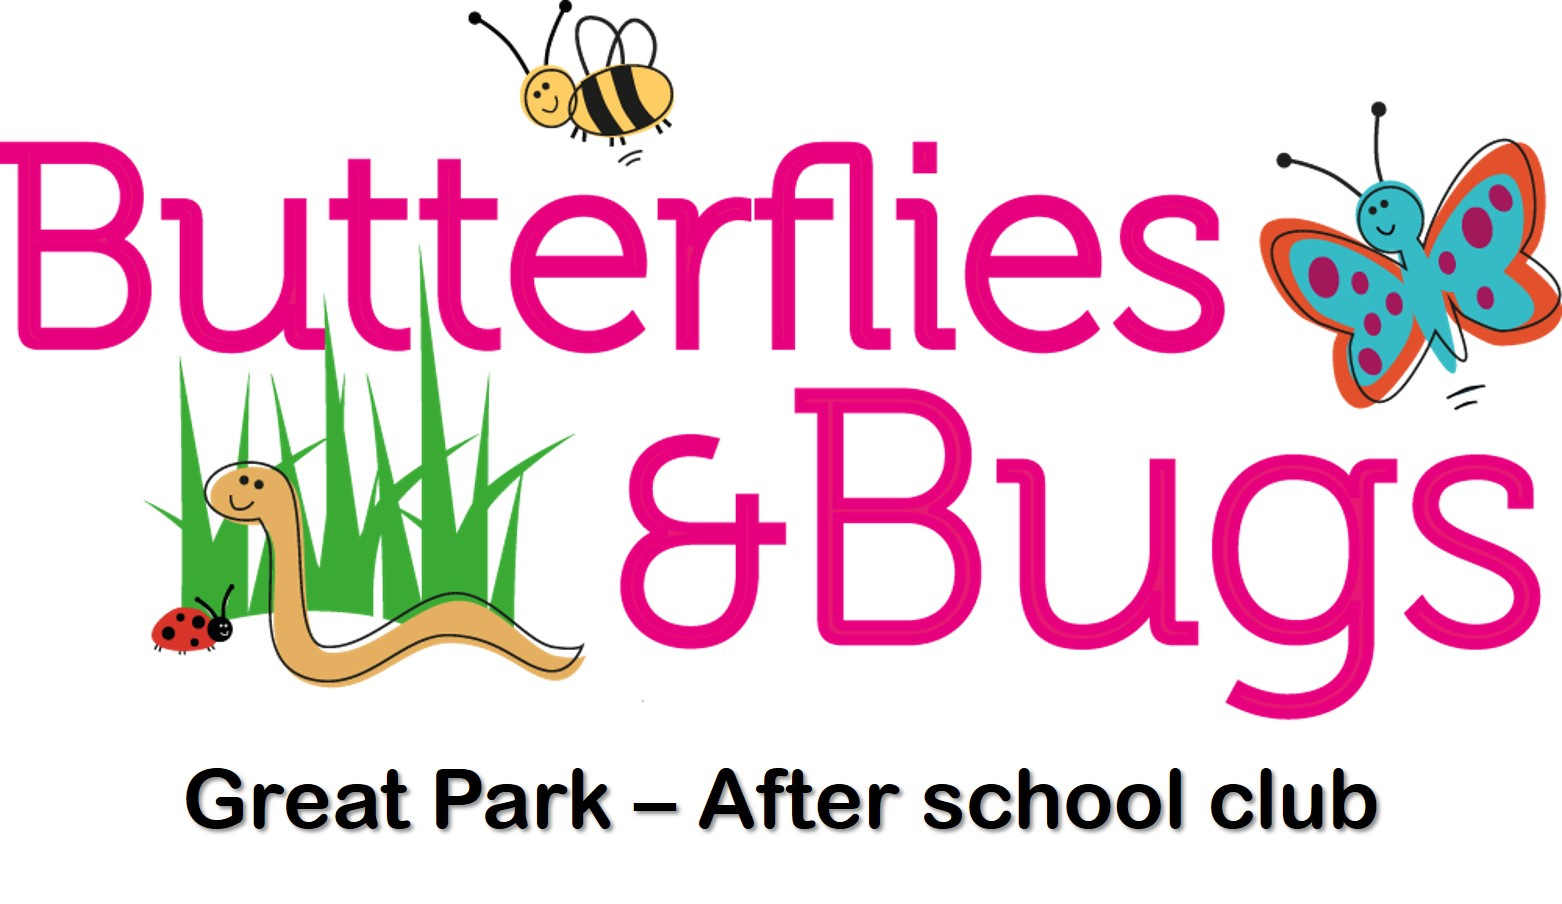 Butterflies & Bugs after School Club